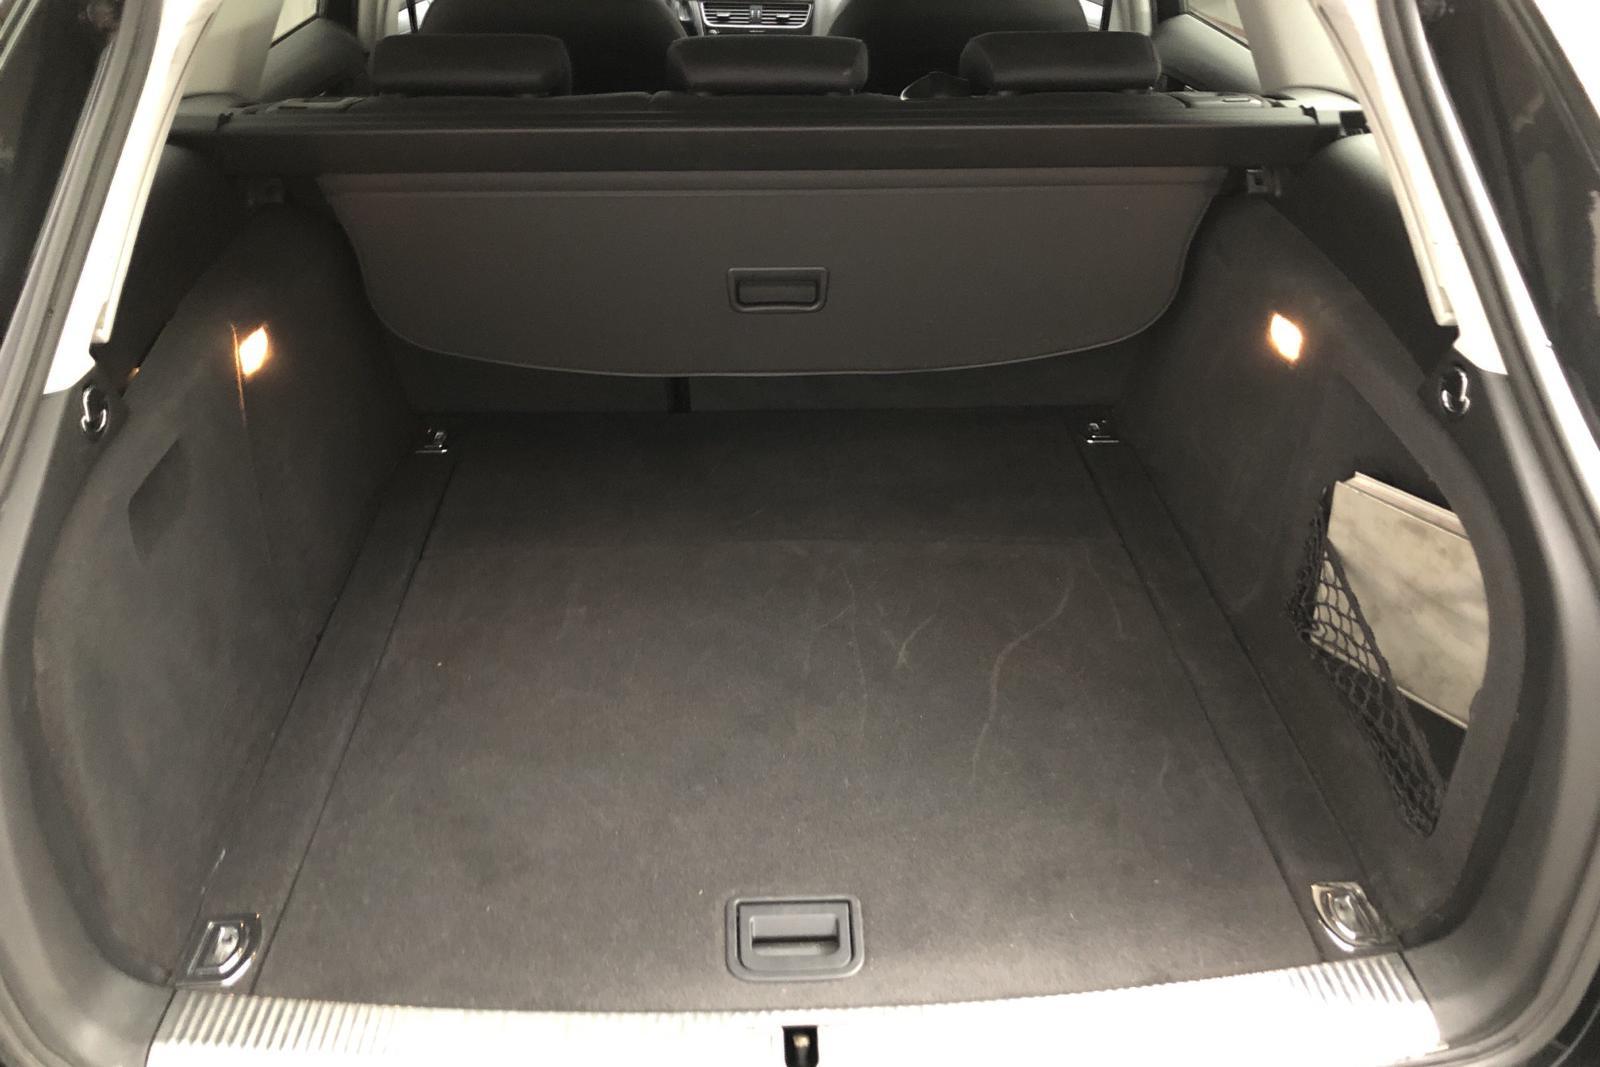 Audi A4 2.0 TDI Avant quattro (170hk) - 19 000 mil - Manuell - svart - 2011